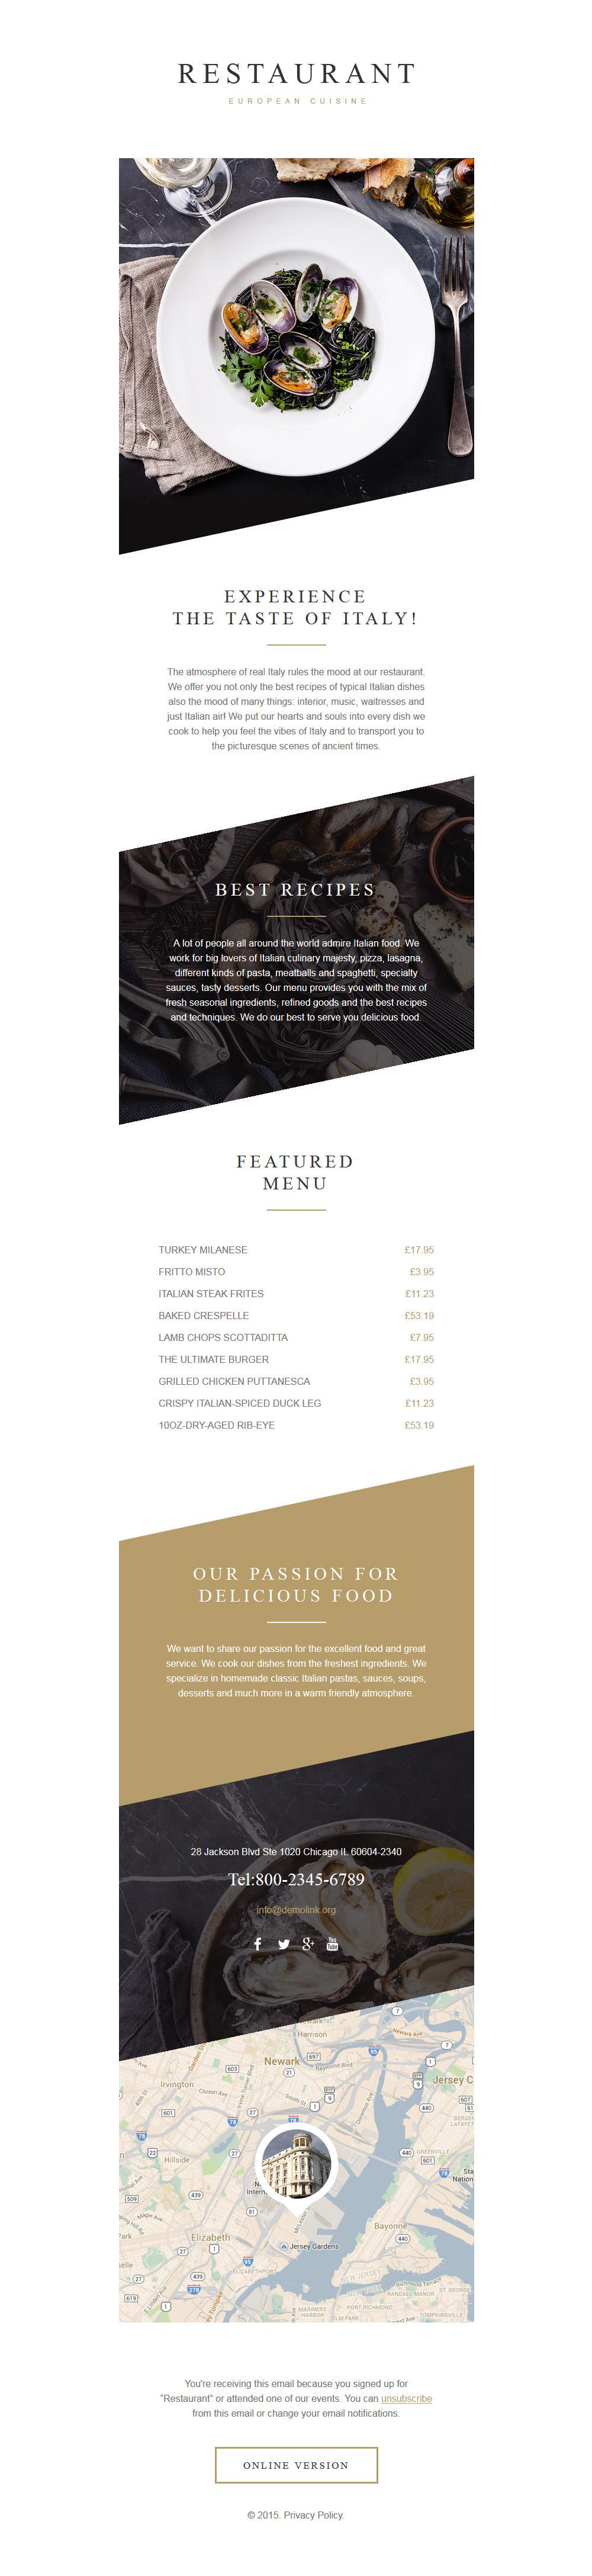 Modèle Bulletin adaptatif pour restaurant européen #57923